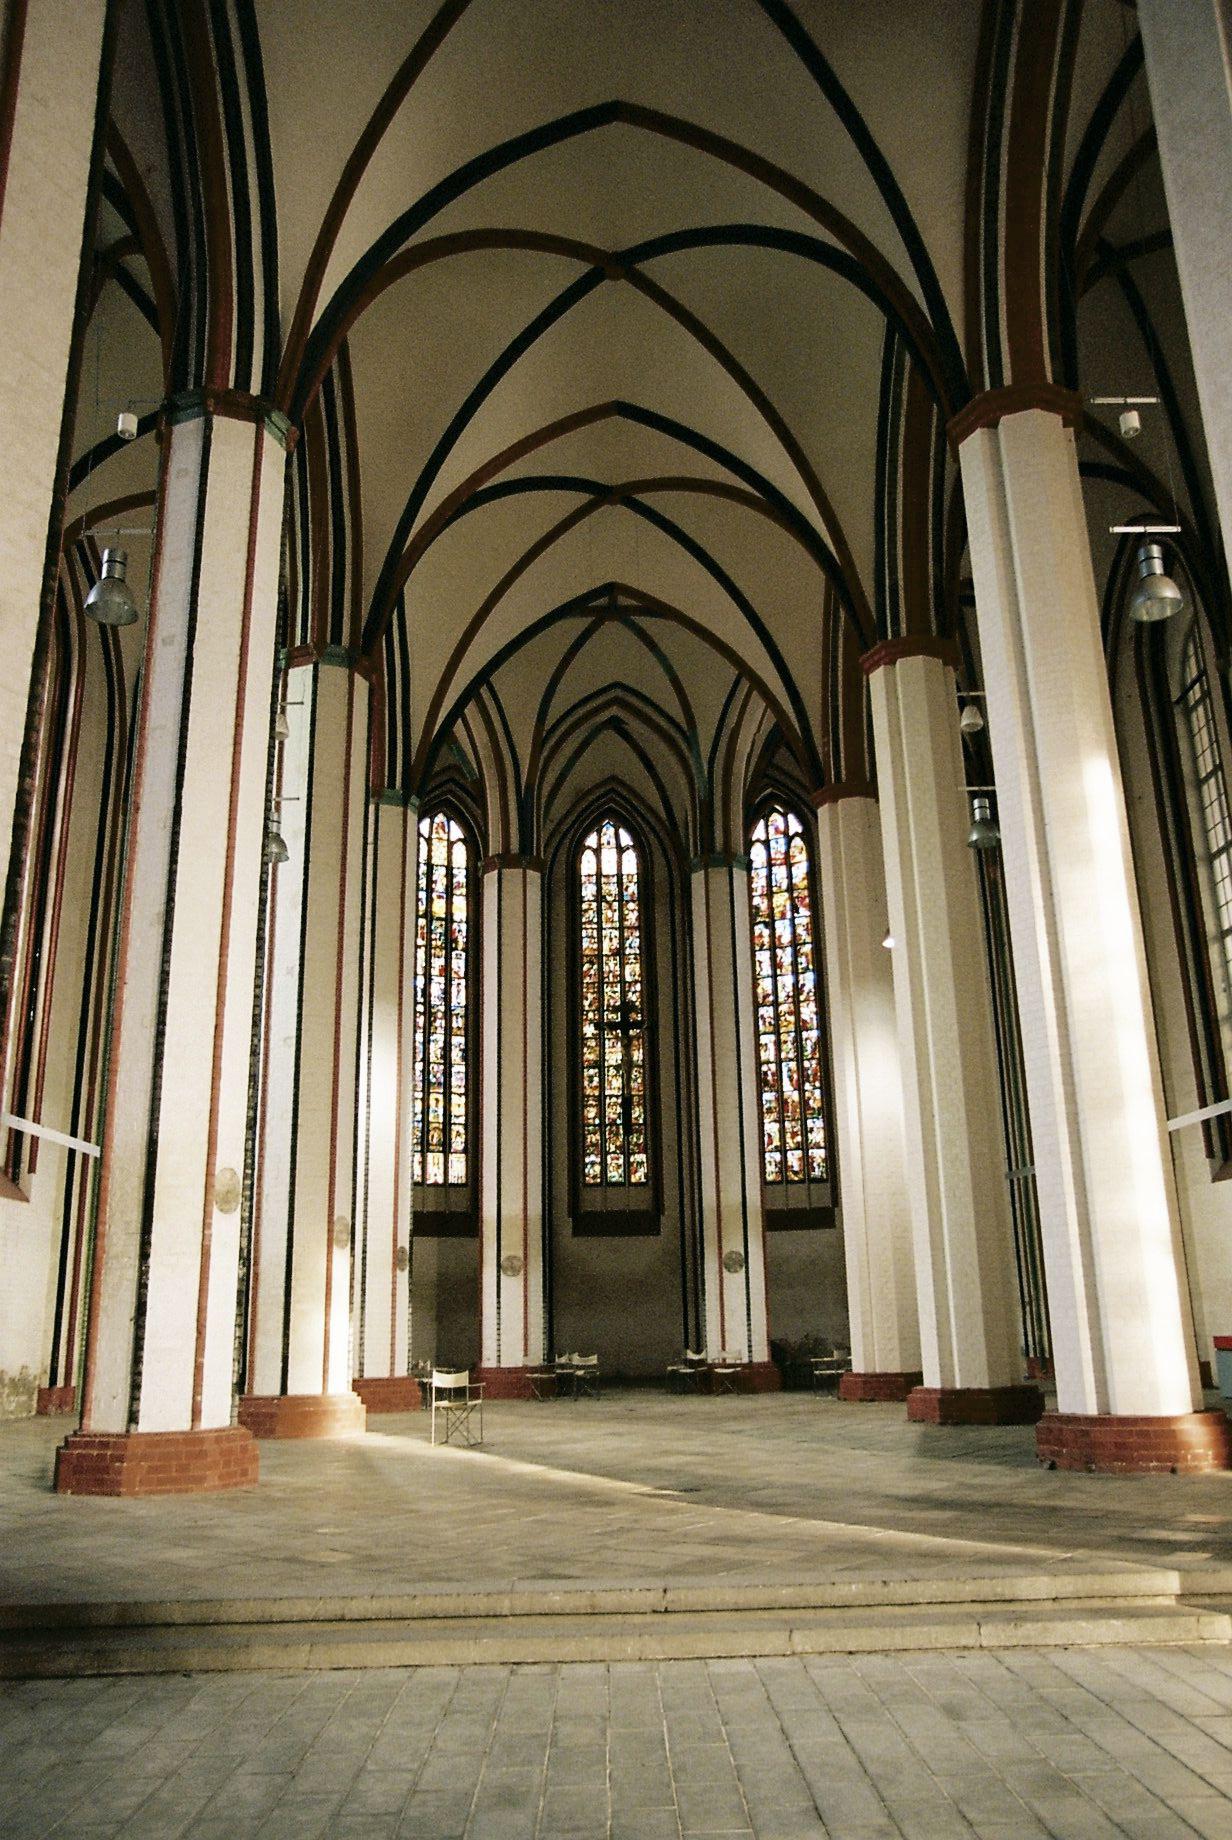 Frankfurt (Oder) 02-2020 - 2 of 13